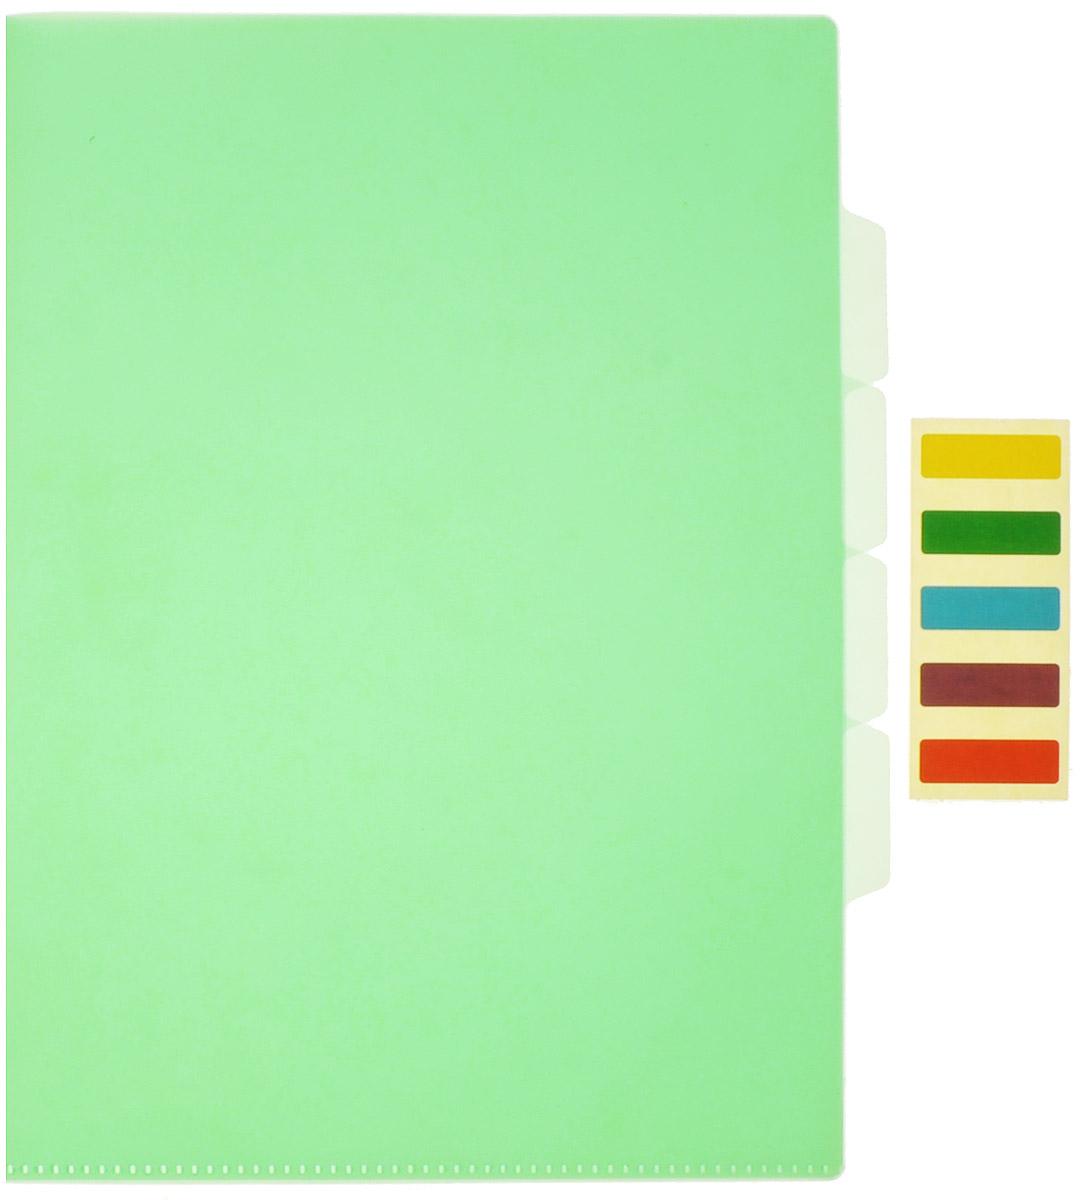 Бюрократ Папка-уголок с индексами цвет зеленый854120_зеленыйПапка-уголок Бюрократ станет вашим надежным помощником в учебных или офисных делах.Папка-уголок формата А4 изготовлена из износоустойчивого полипропилена и предназначена для хранения тетрадей и различных документов. Она имеет три отделения с разделителями для размещения бумаг и разноцветные стикеры для маркировки. Такой аксессуар всегда будет сохранять ваши канцелярские принадлежности в опрятном и чистом виде.